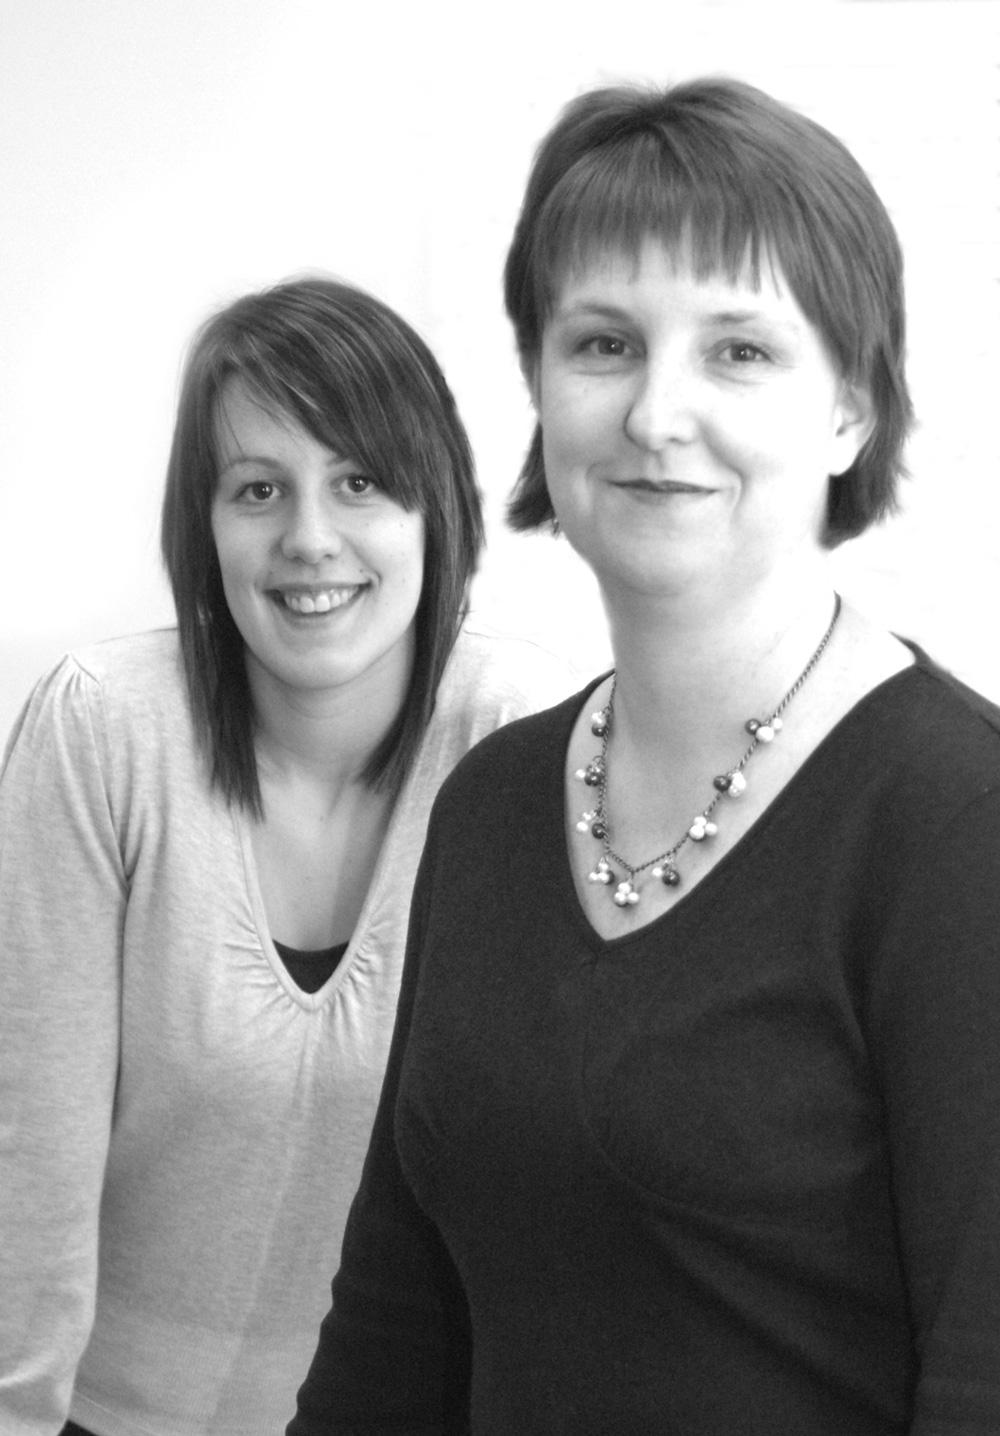 Portrait of Deborah Hatton and Lauren Osborne